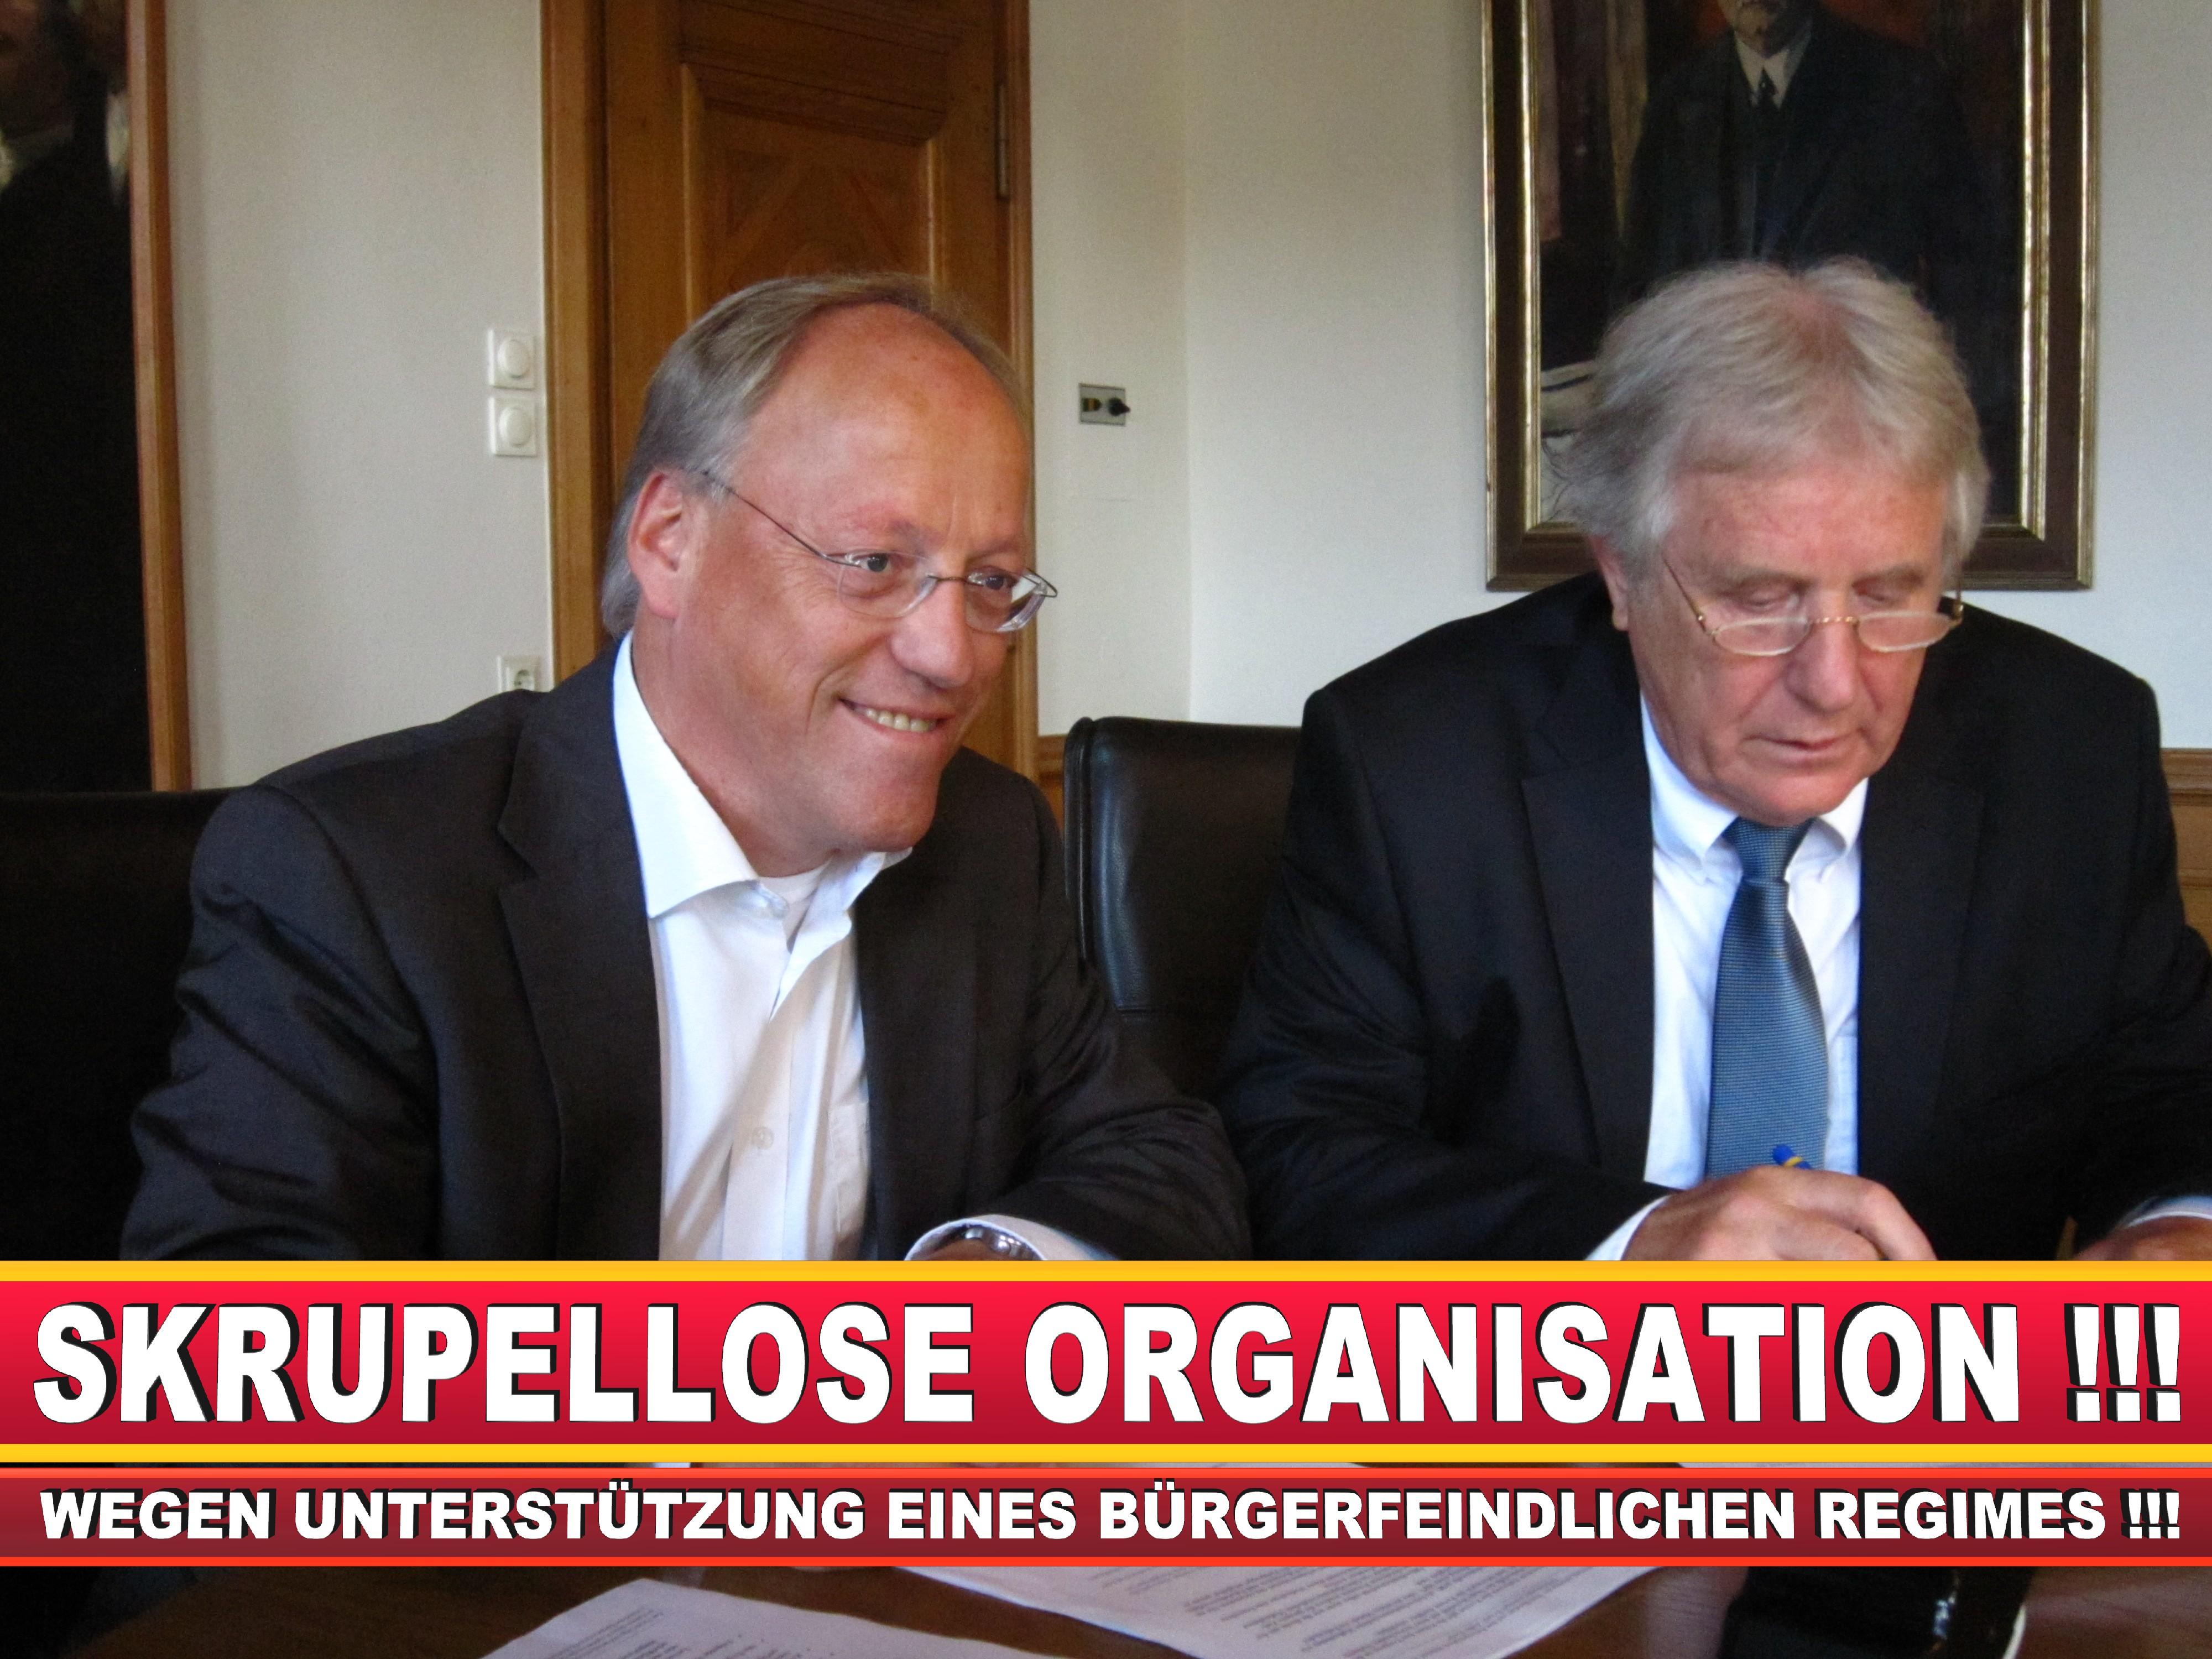 Polizeipräsident Erwin Südfeld Bielefeld Oberbürgermeister Bürgermeister Peter Clausen Pit Clausen Bielefeld (63)